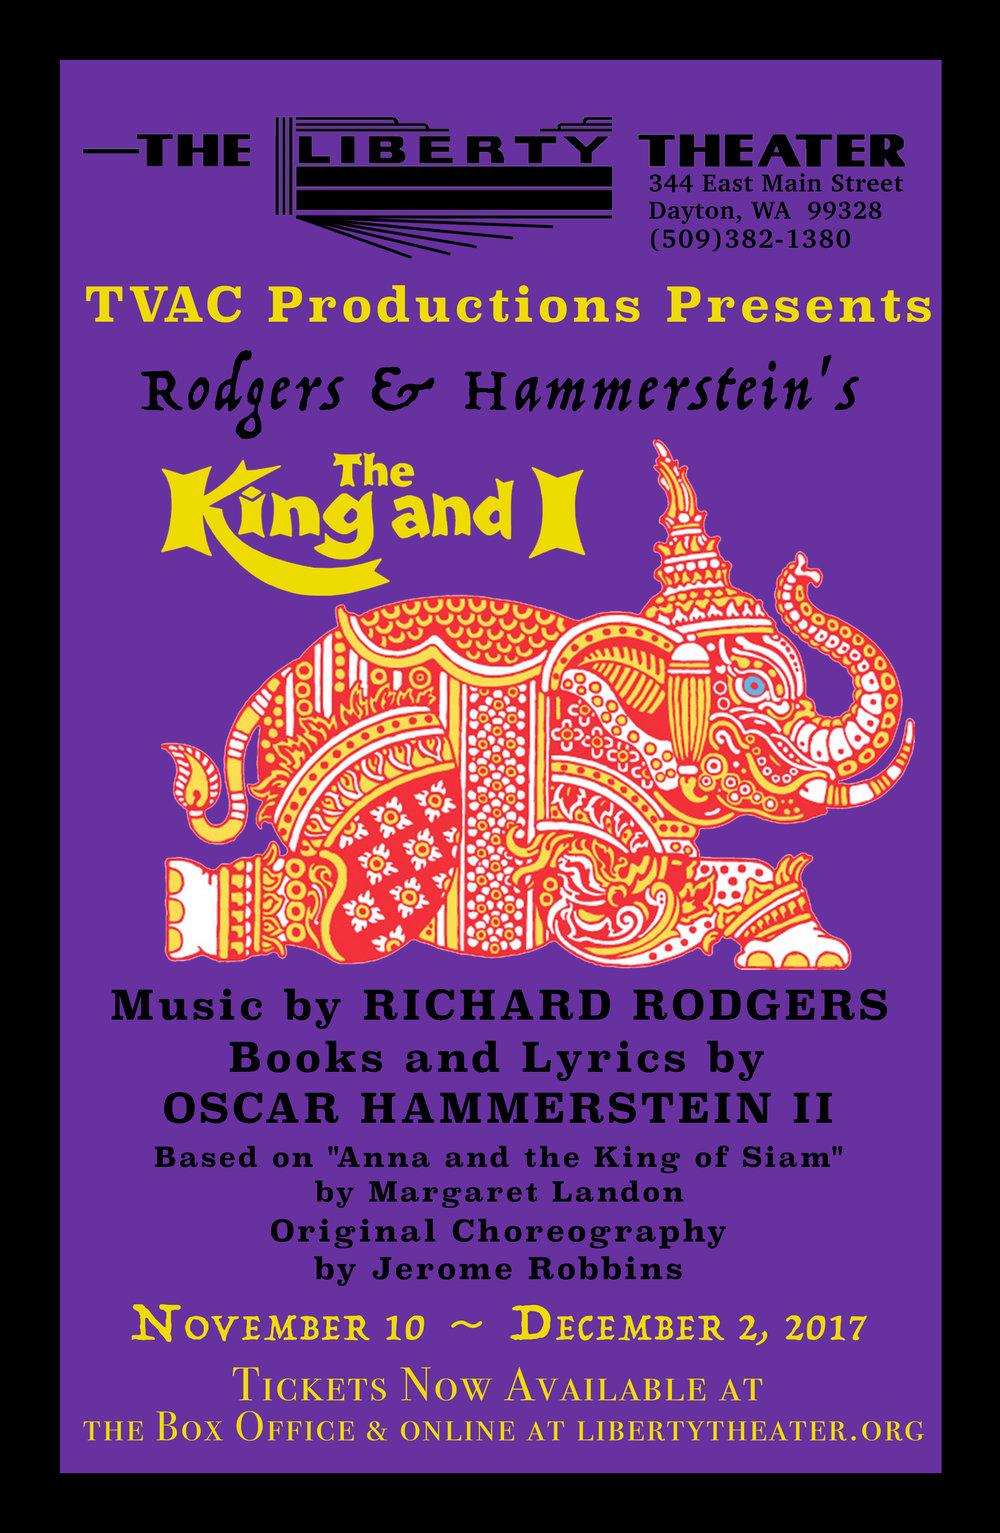 K&I Poster.jpg